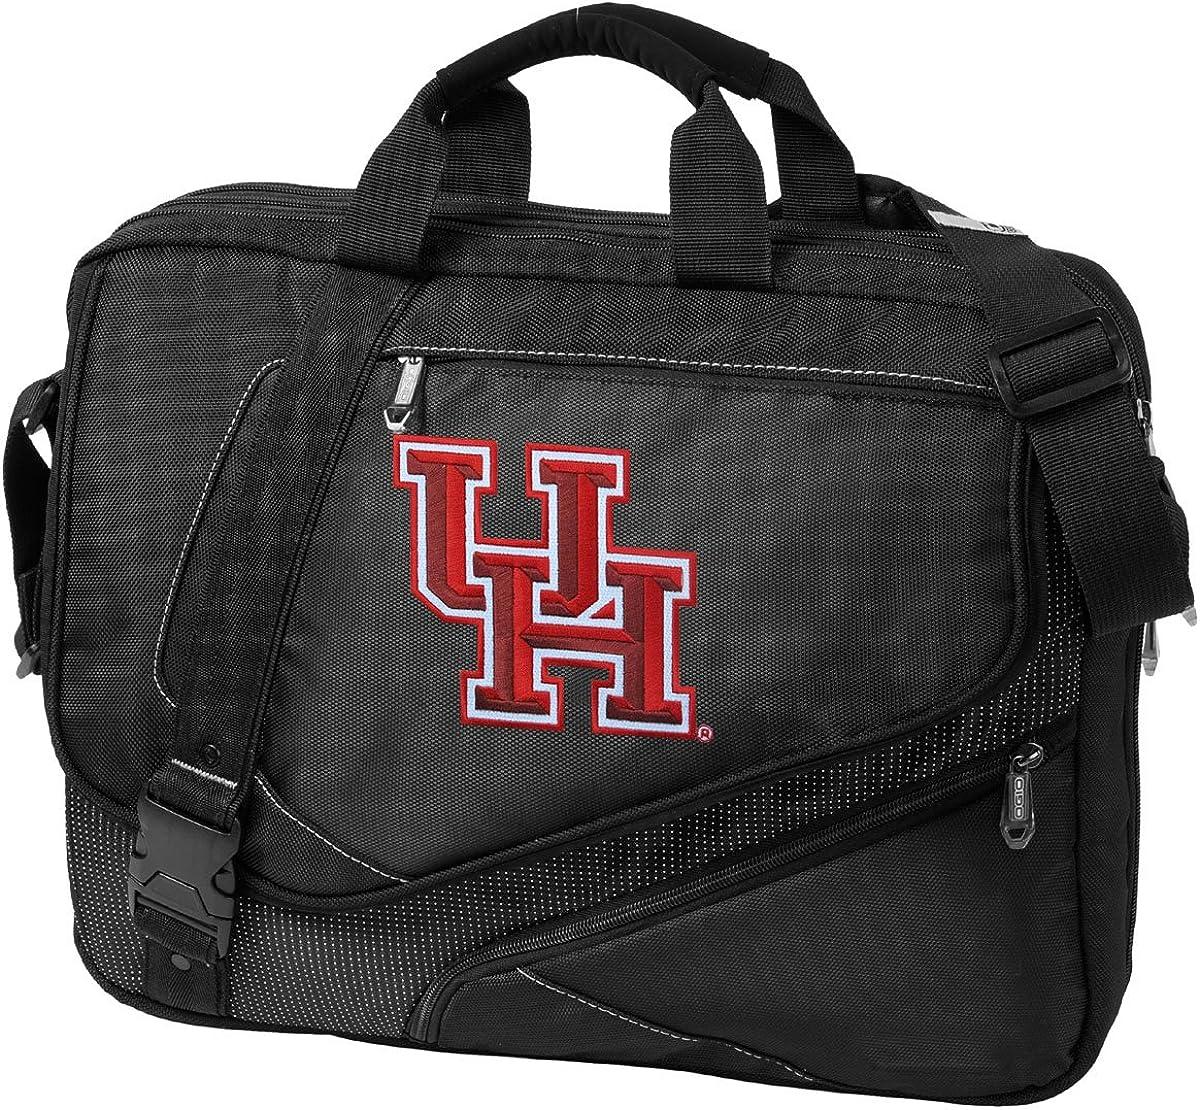 Large UH Laptop Bag Financial sales sale Super sale OUR University of Computer Houston BEST